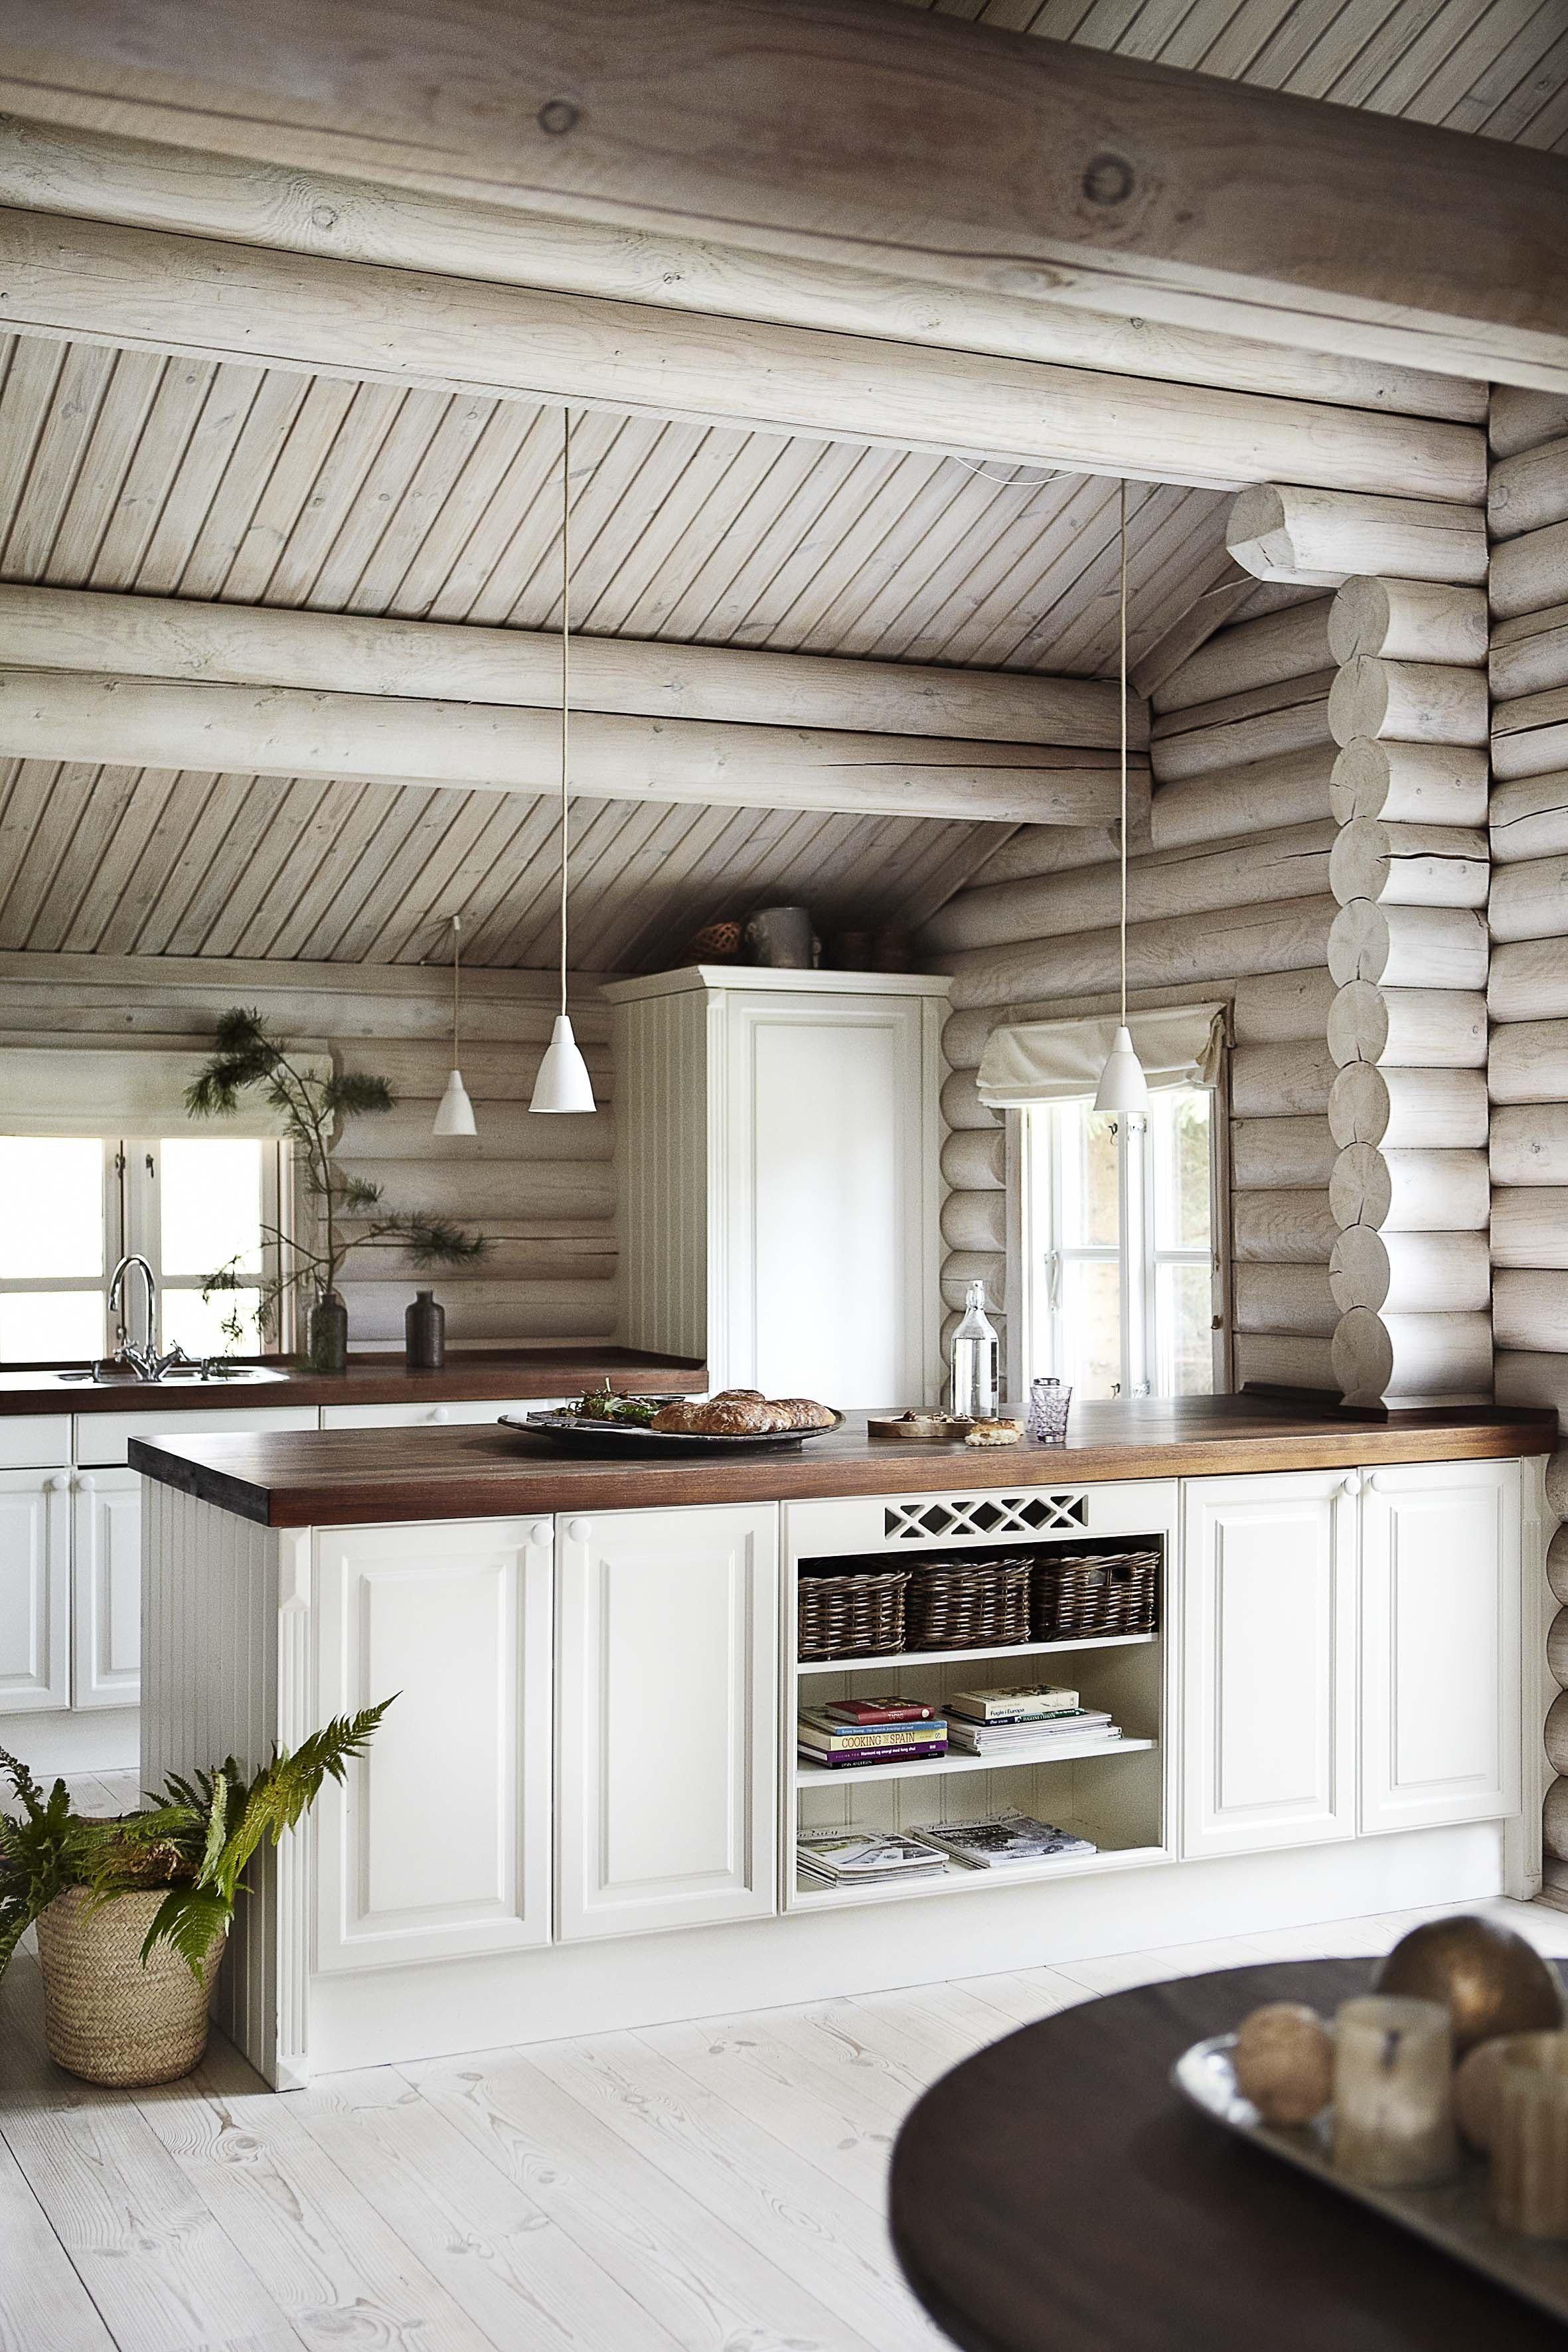 7 Utradisjonelle Losninger Til Hytta Bo Bedre No I 2020 Tommerhus Moderne Interiordesign Hyttekjokken